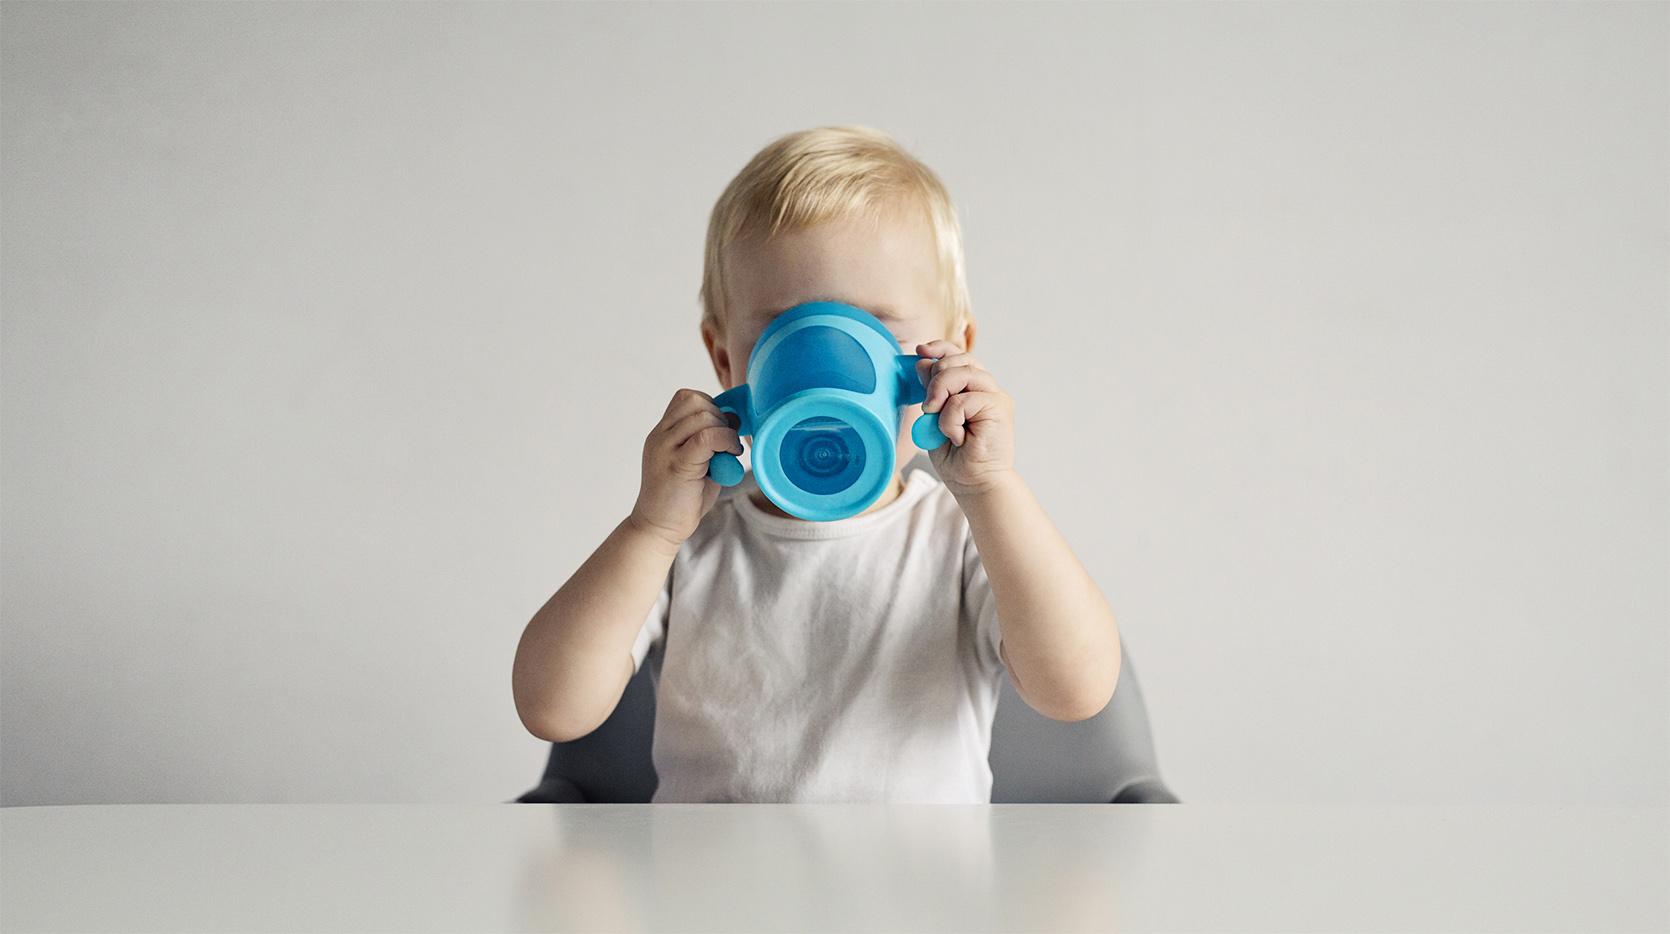 Najlepsze kubki dla niemowląt - ranking/fot. Getty Images